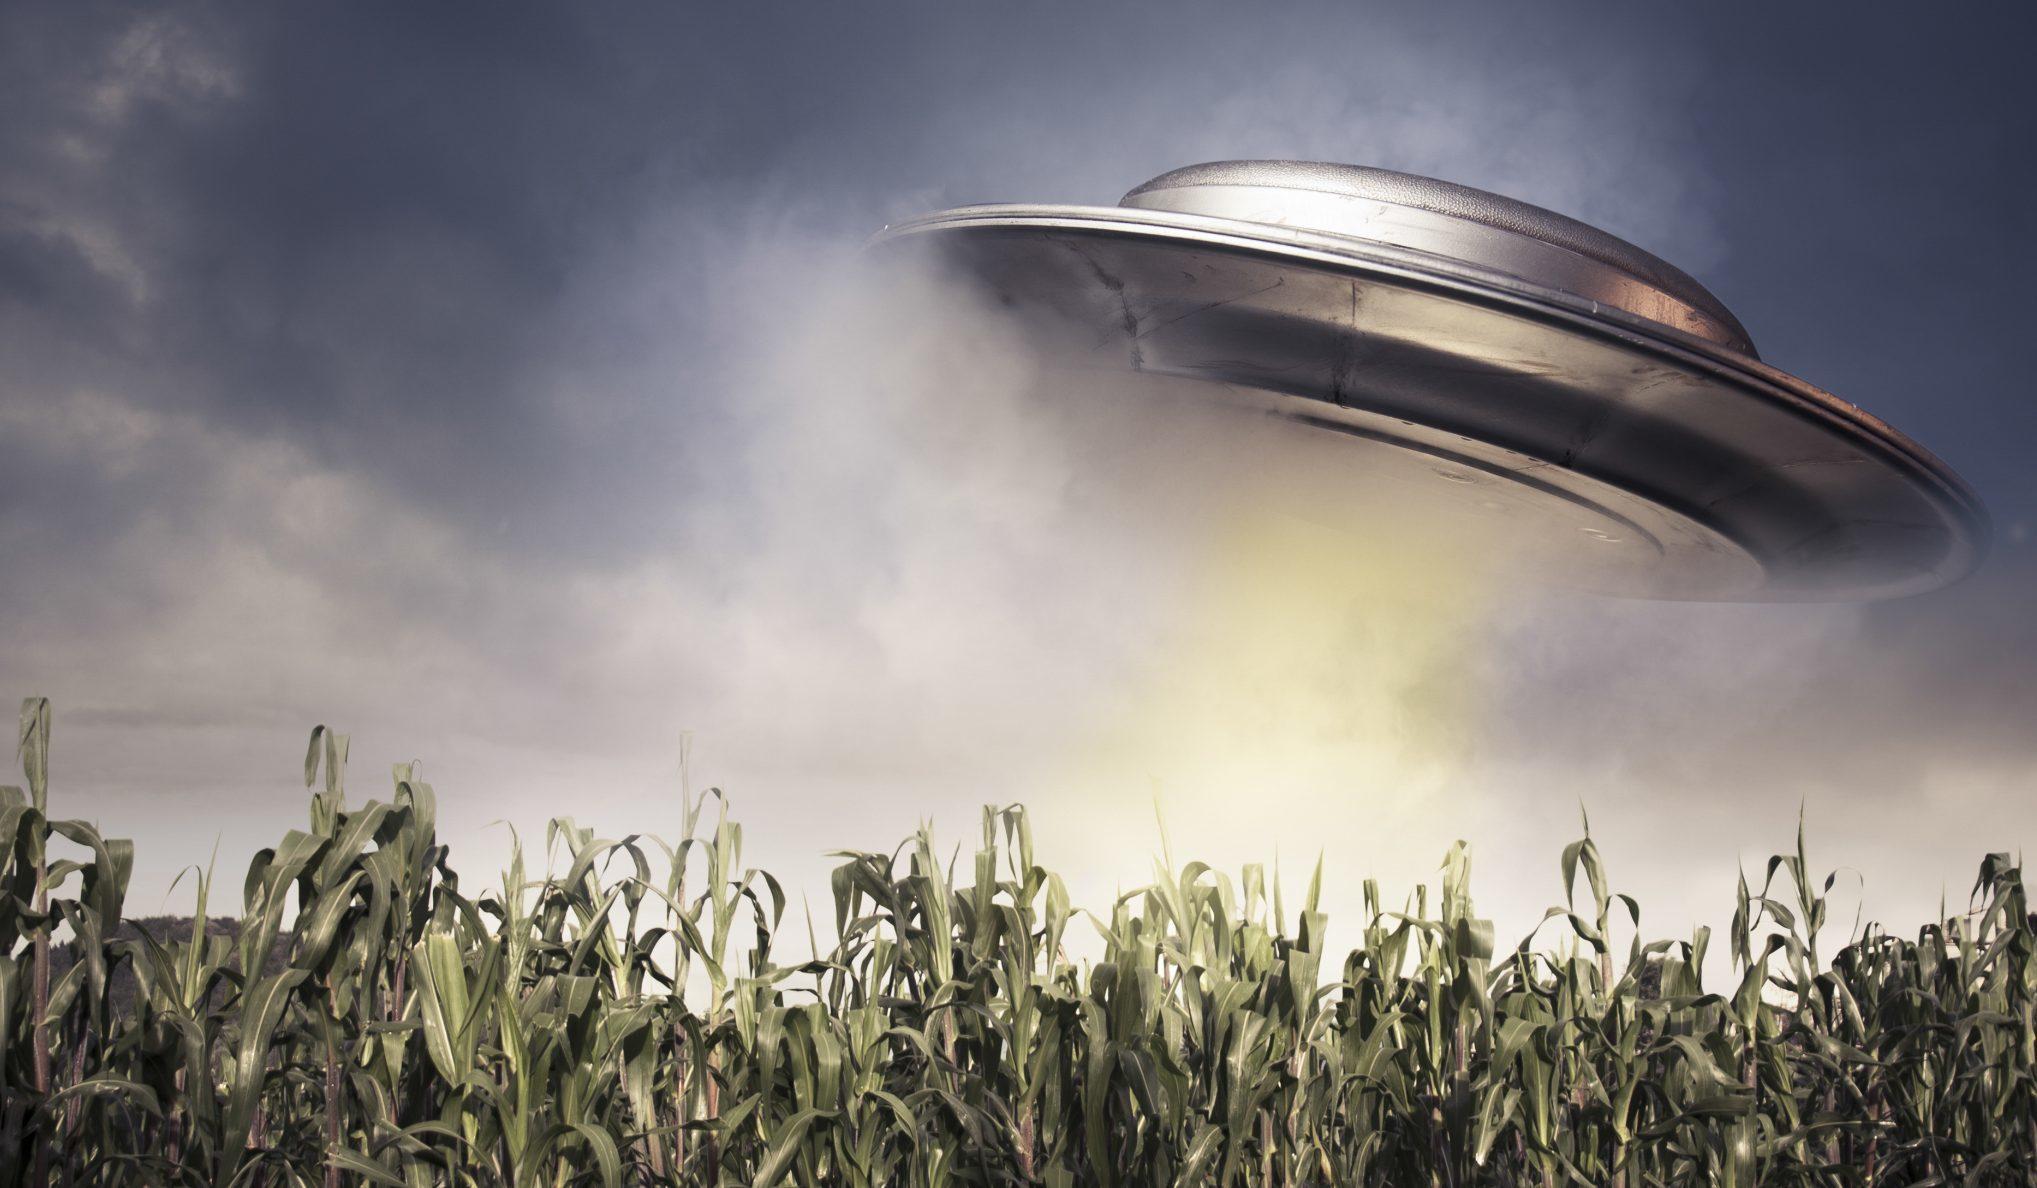 Американские военные официально признали, что изучали места крушения НЛО